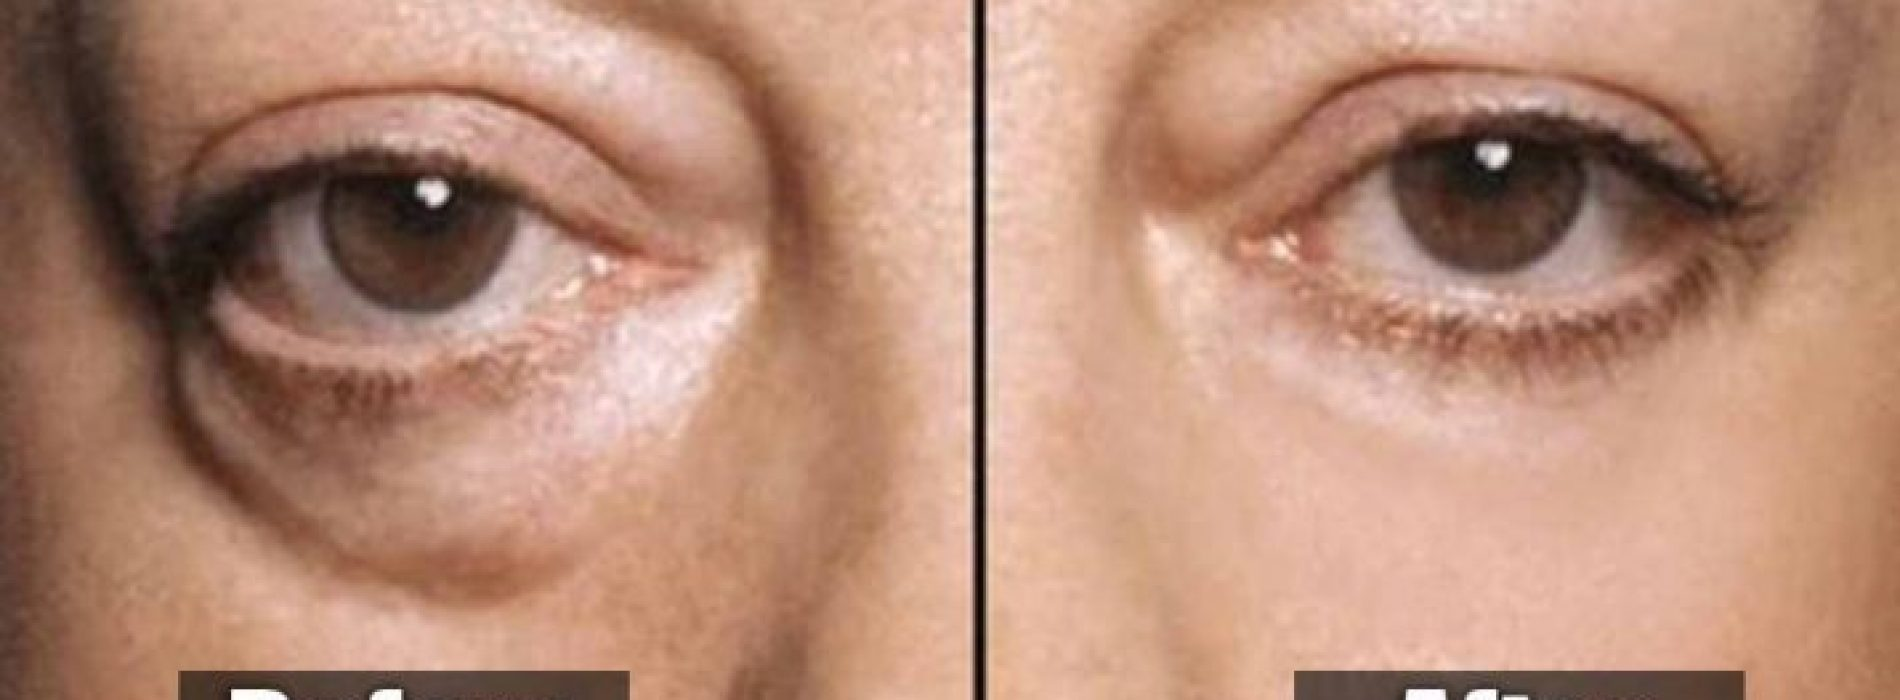 Breng Baking Soda aan onder uw ogen … 5 minuten later … U zult versteld staan!